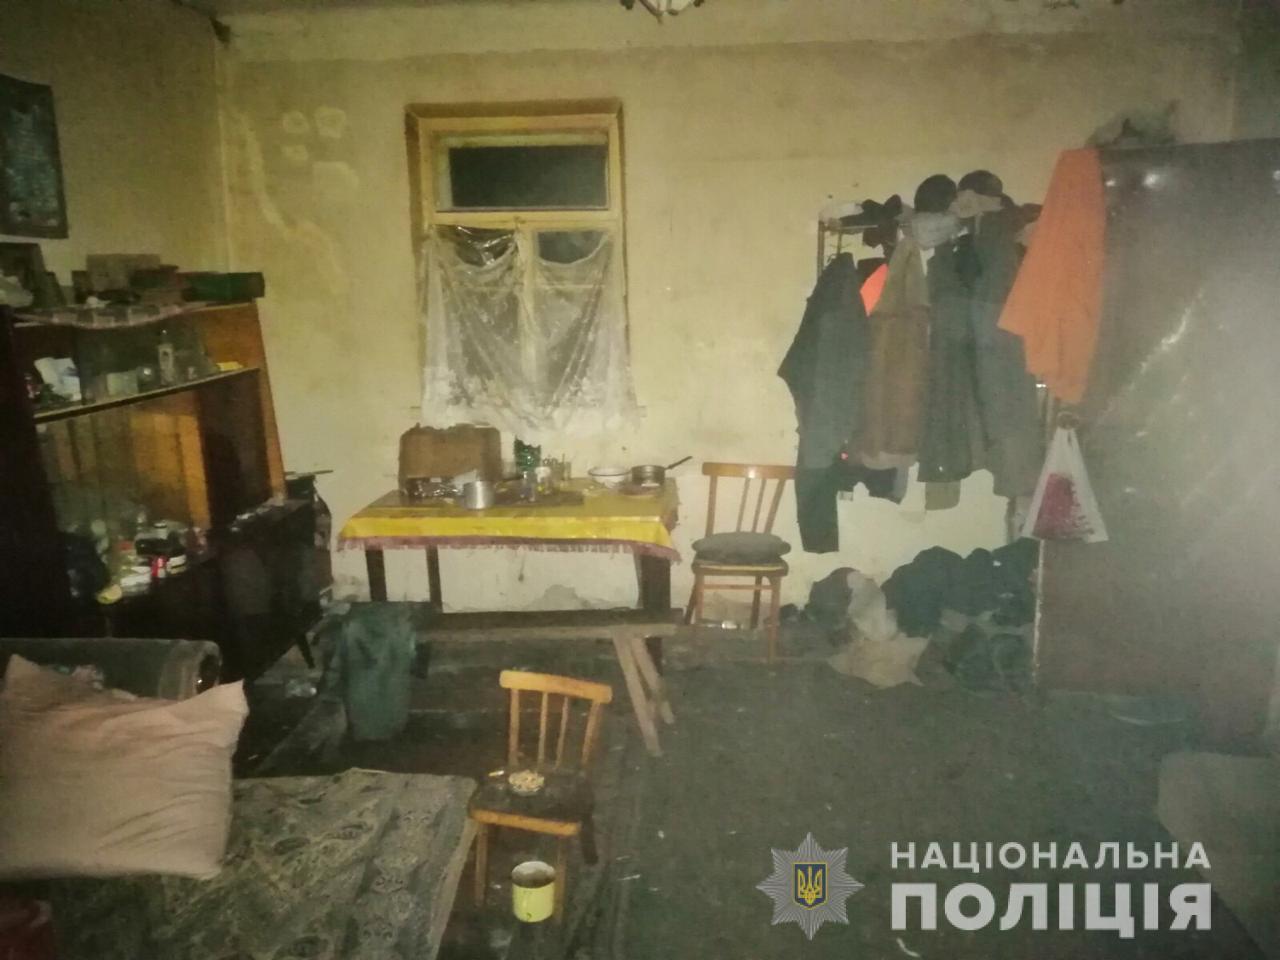 Києво-Святошинський район: чоловік ударив товариша ножем у живіт -  - malyut3